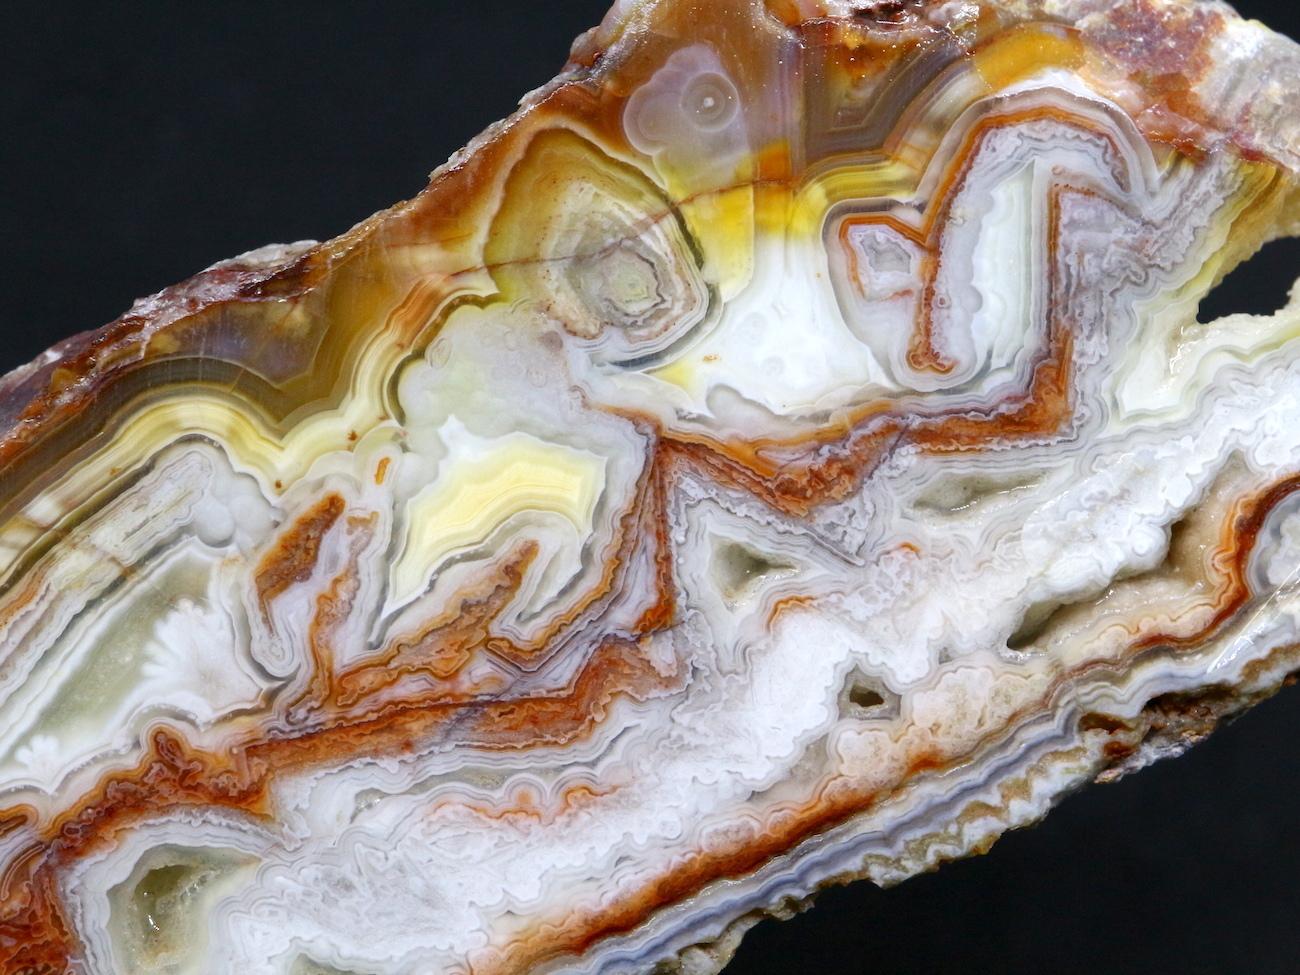 ラグナレースアゲート メキシコ産 瑪瑙 119,1g AG045 原石 鉱物 標本 天然石 パワーストーン